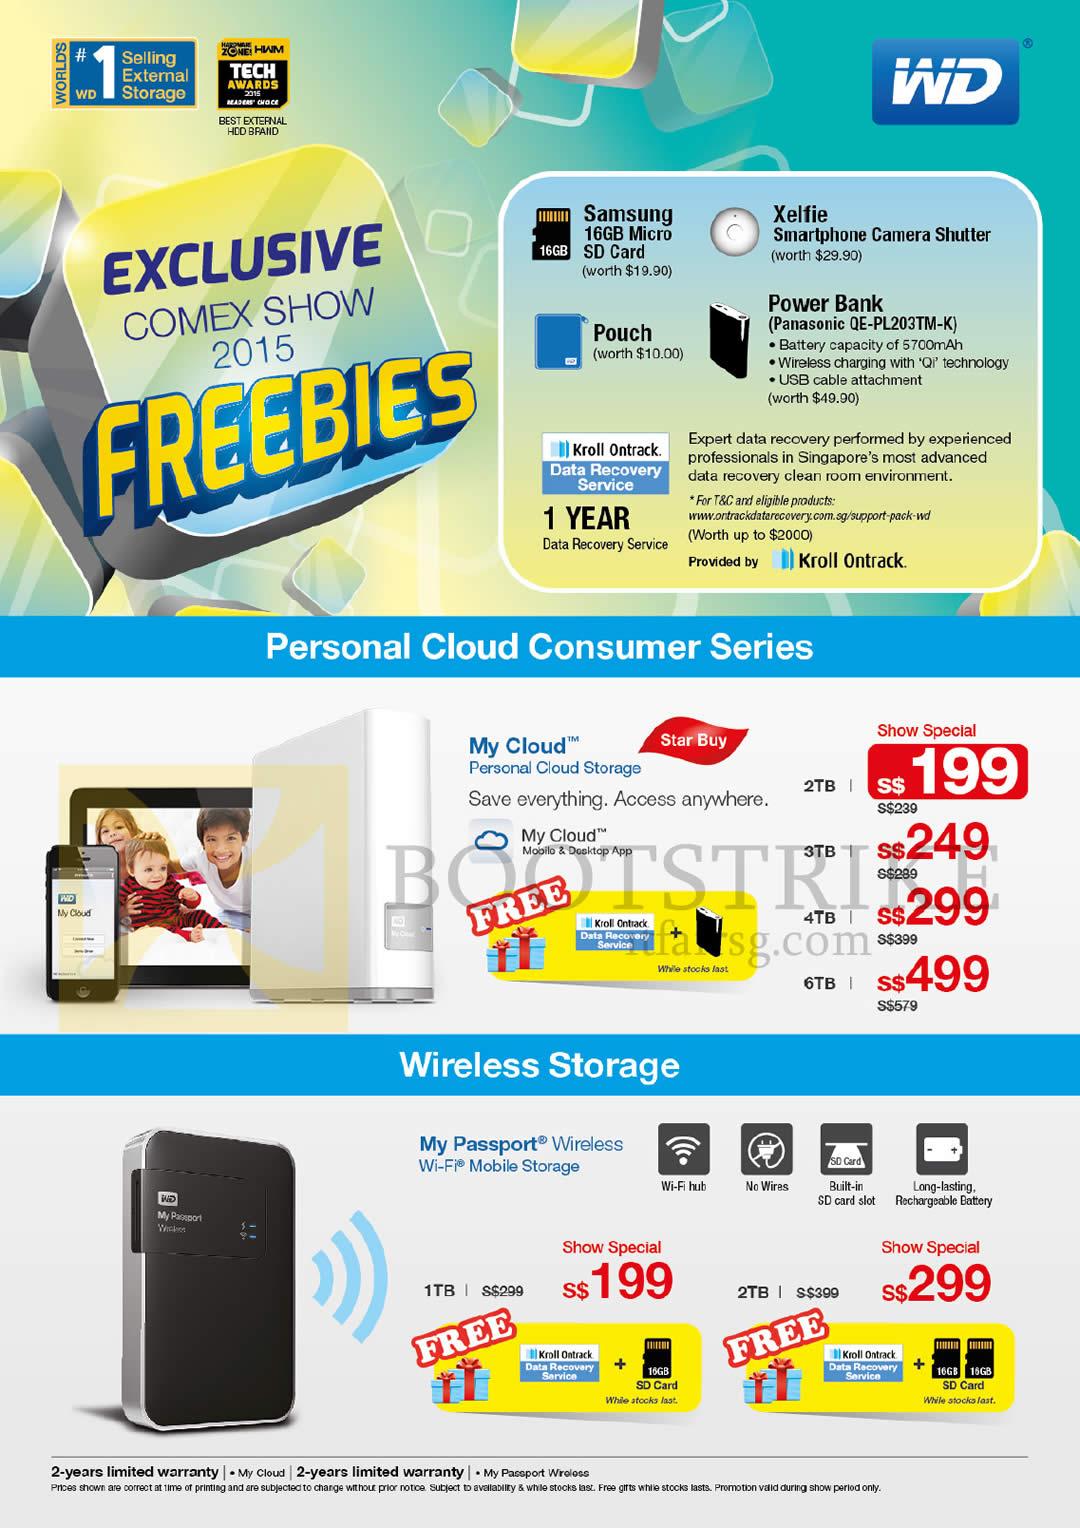 Western Digital Storage My Cloud Personal Cloud 2TB, 3TB, 4TB, 6TB, My Passport Wireless Wi-Fi Mobile 1TB, 2TB, Free Gifts